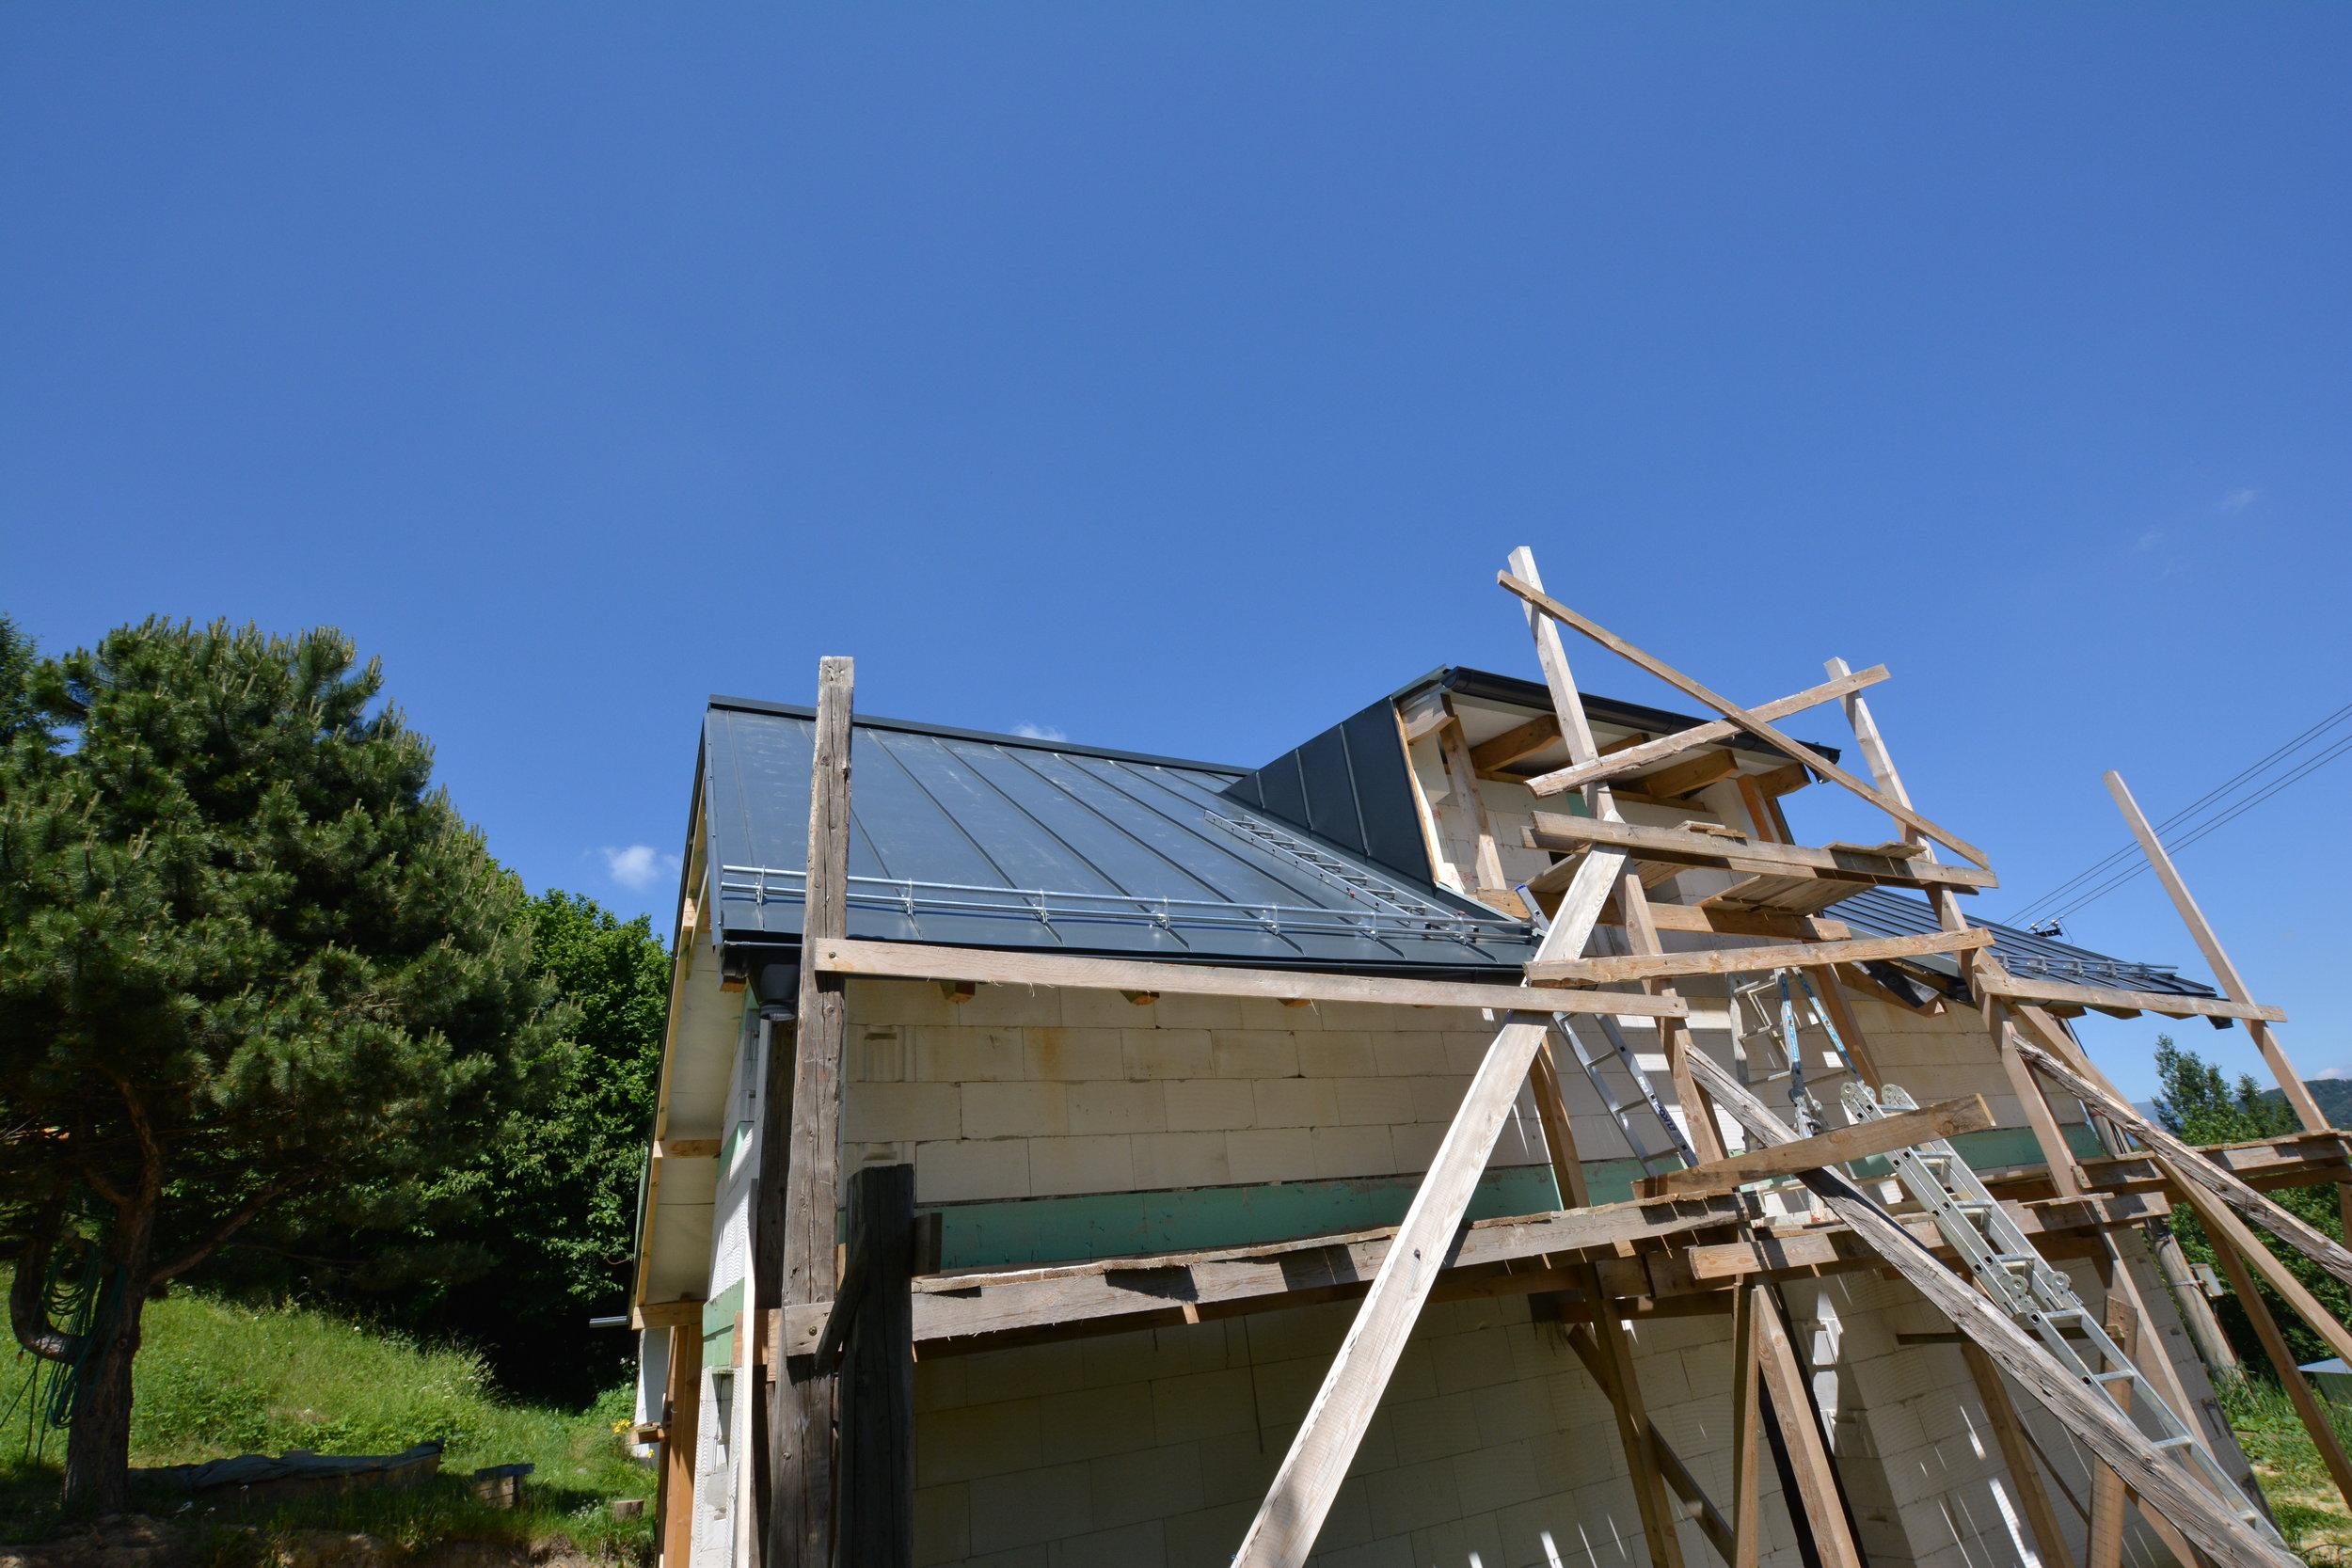 Kompletná výstavba krovu a zakrývanie falcovaným pozinkovaným plechom v RAL farbe 7016 - Antracitová.